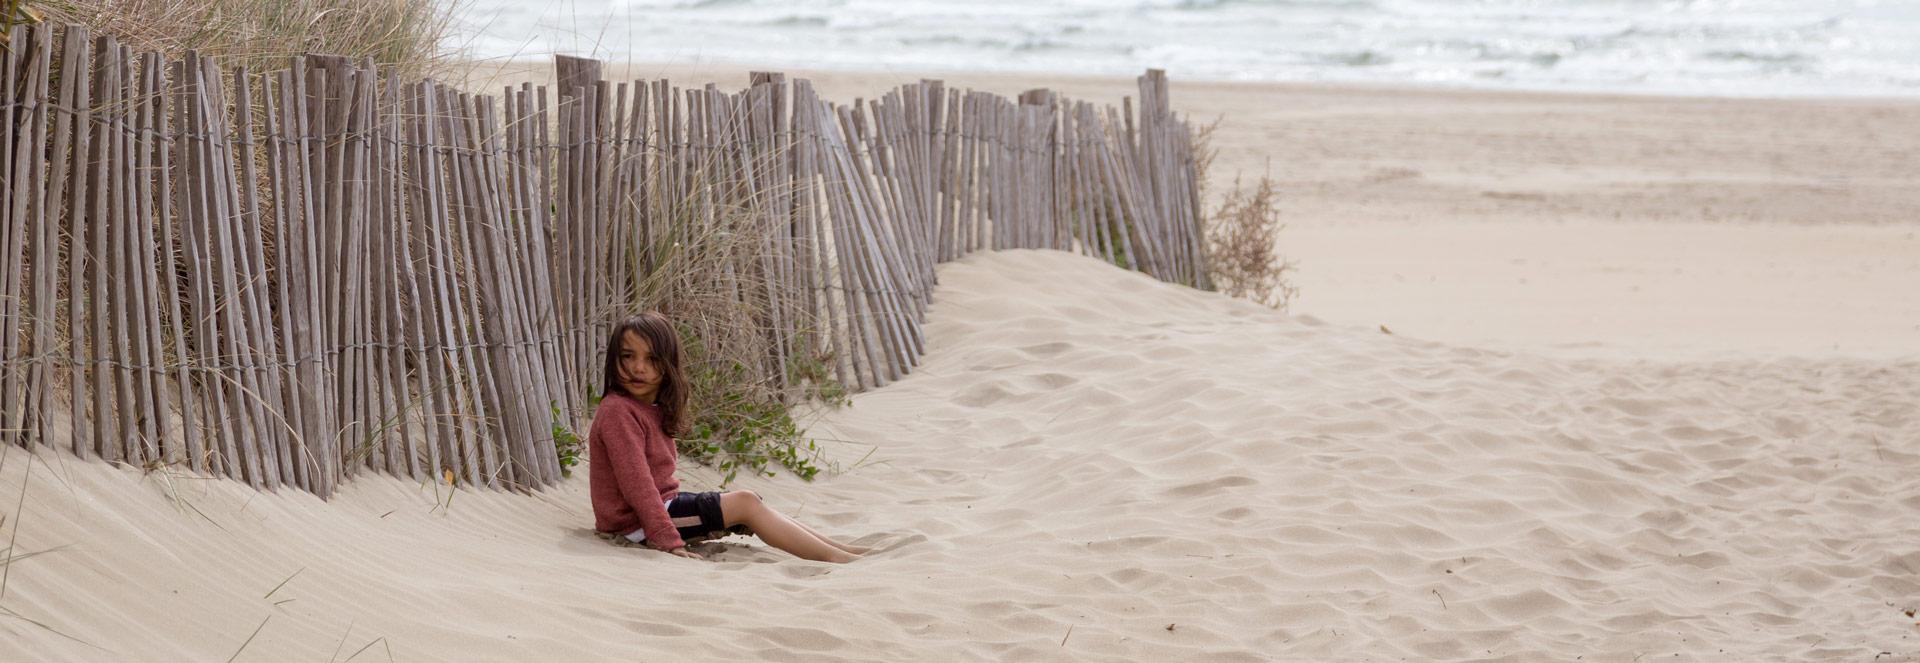 petite fille assise sur une plage vide